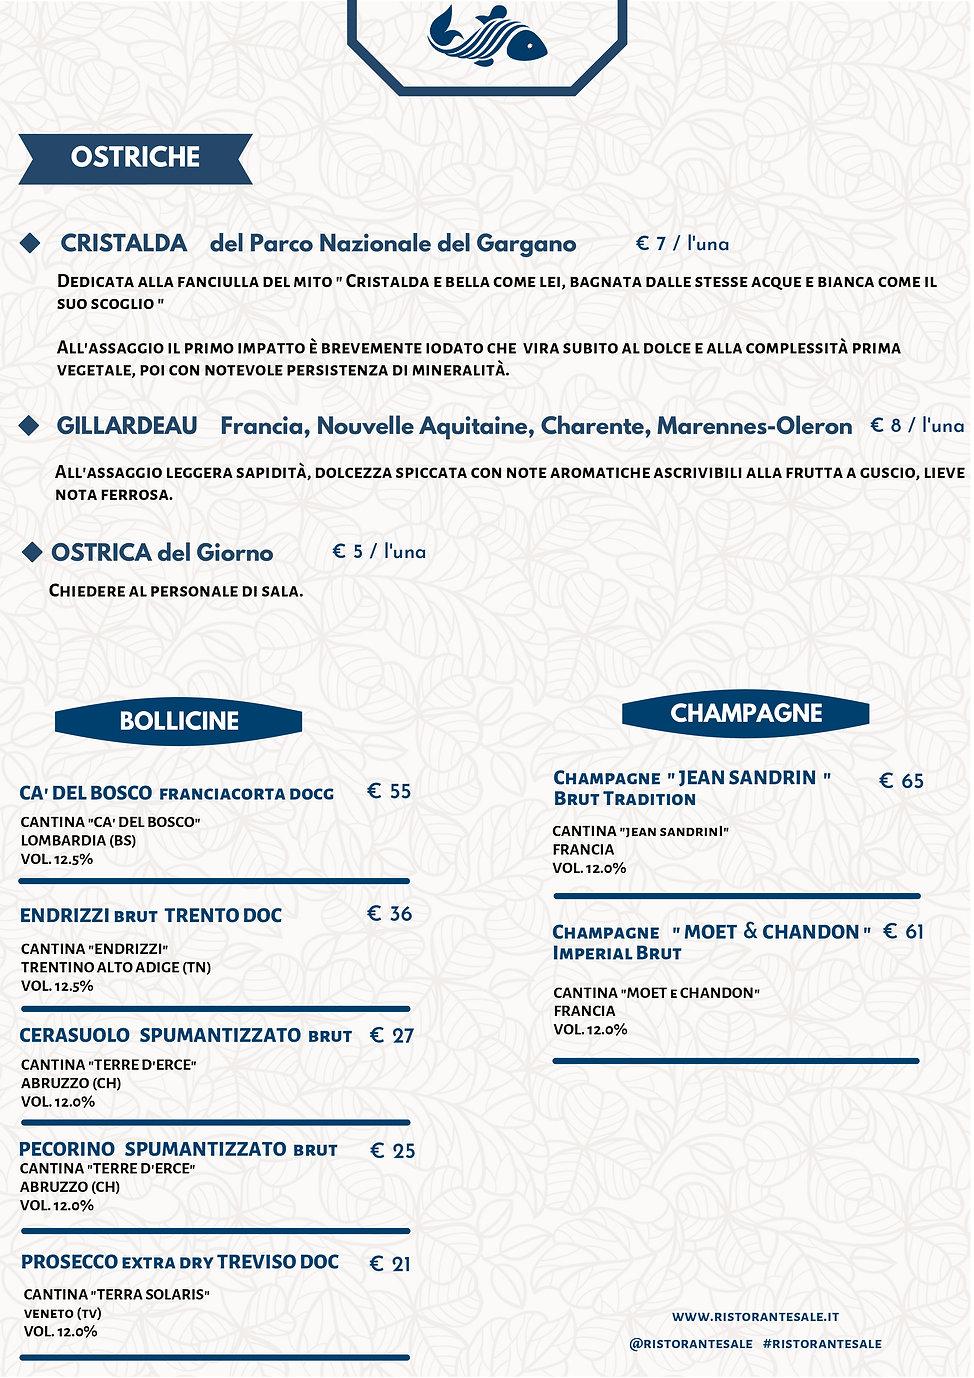 ostriche e champagne.jpg